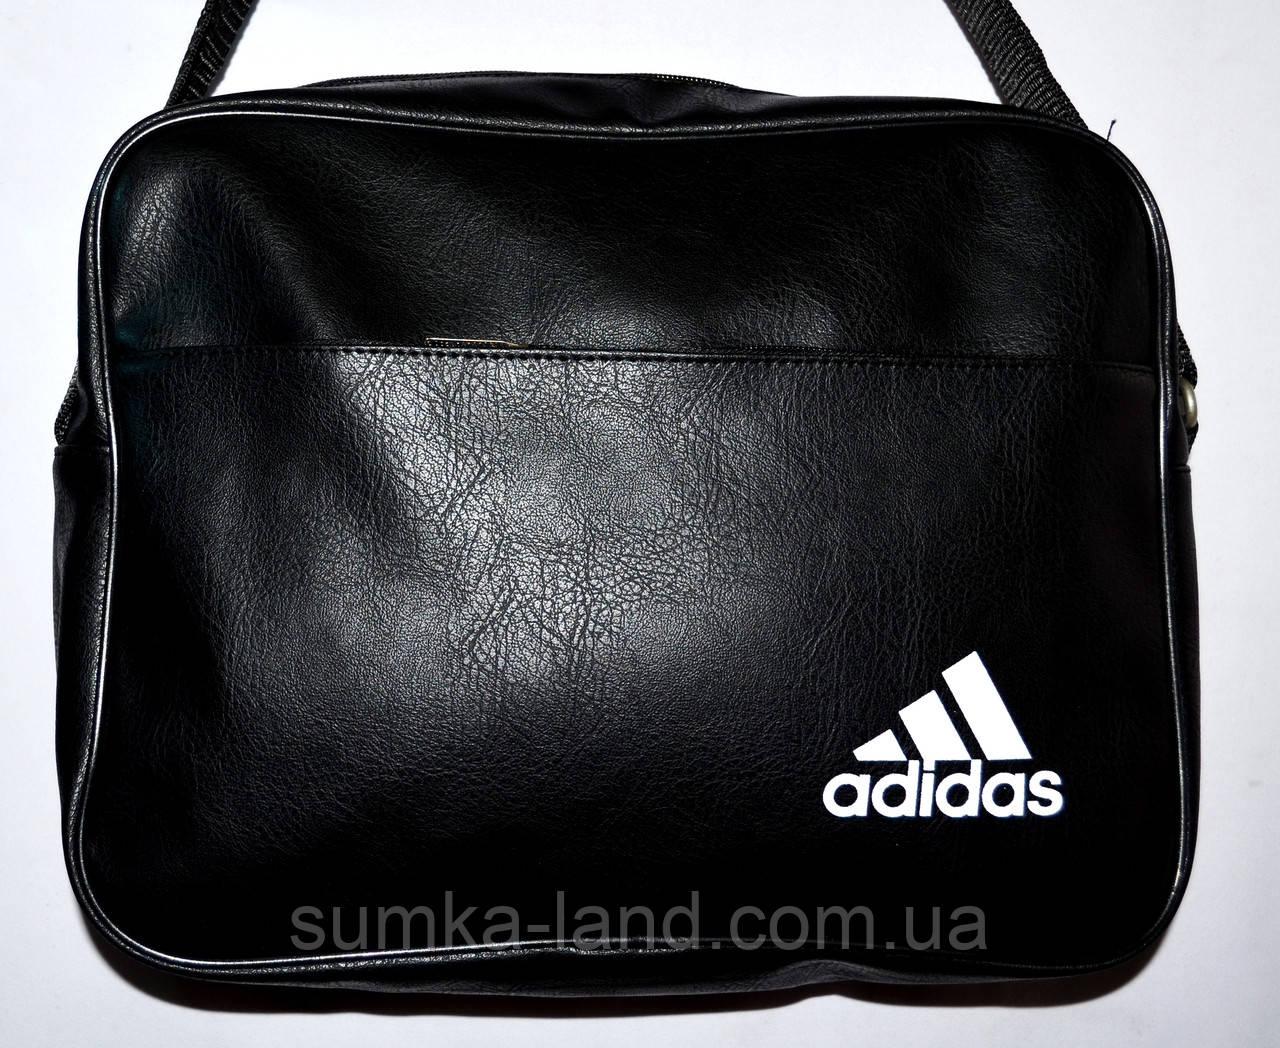 e5dc44739a20 Планшет Adidas из искусственной кожи: продажа, цена в Харькове ...